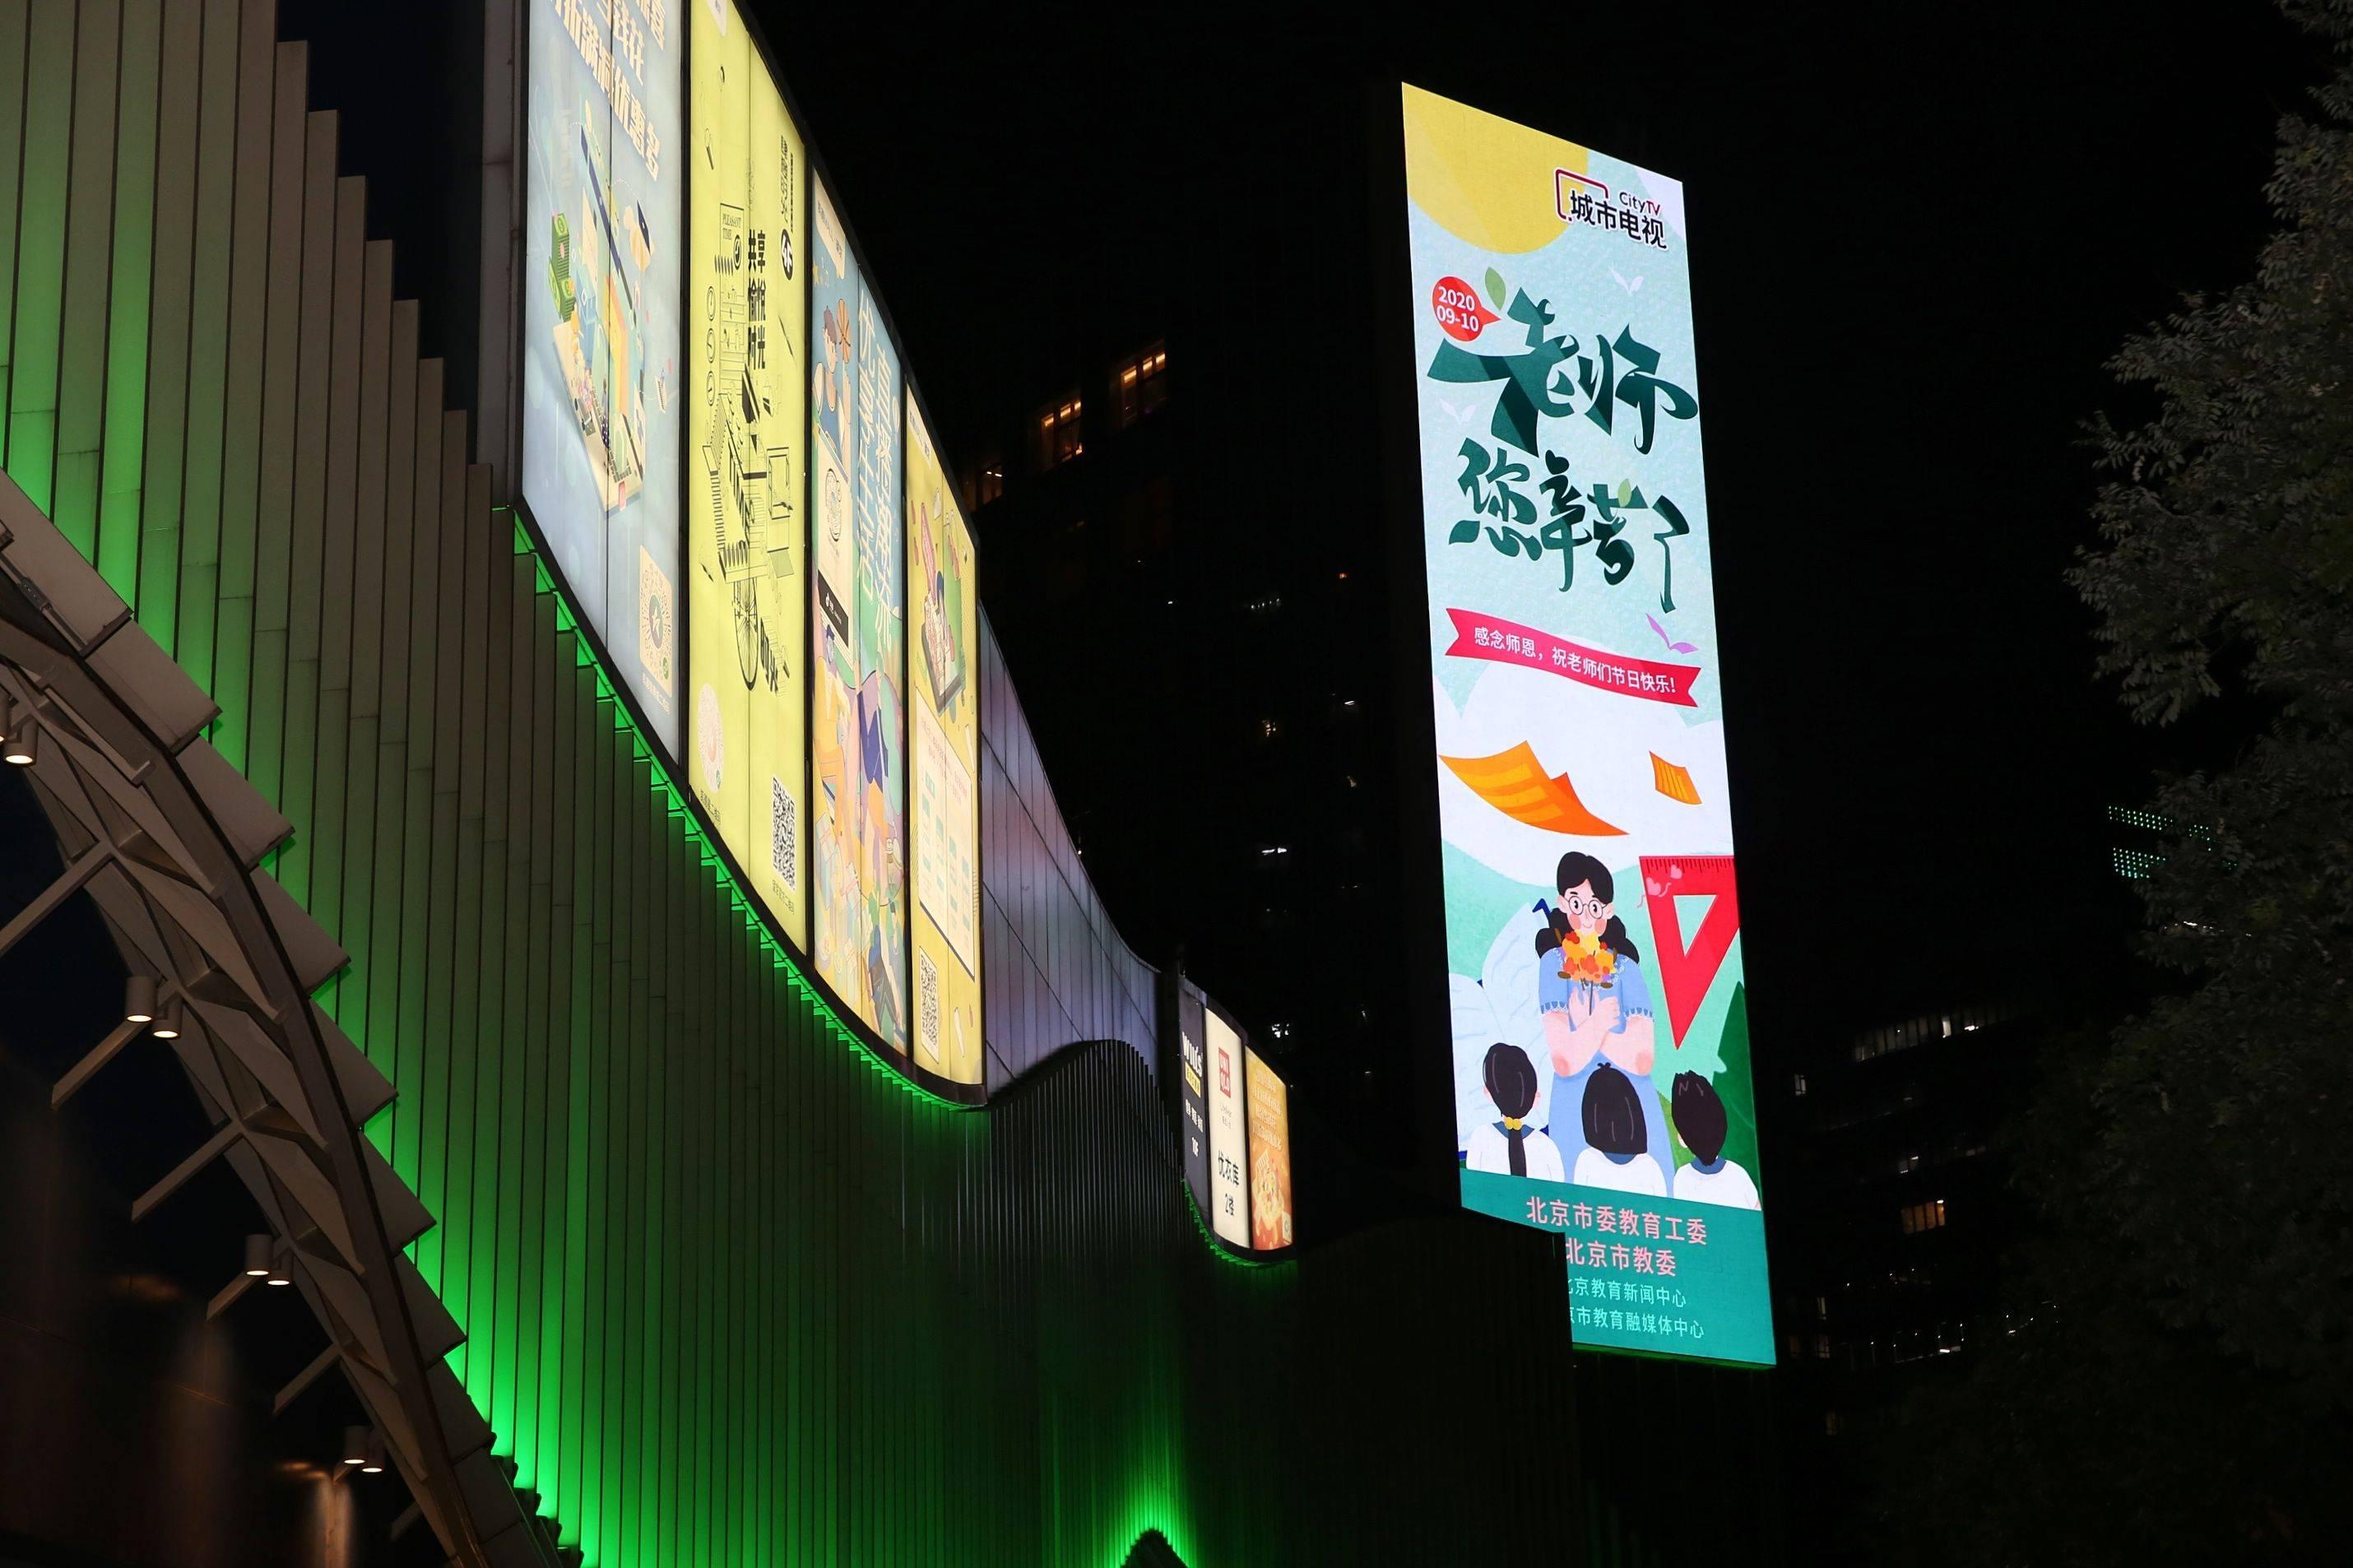 向老师致敬,北京组织了一系列活动,为